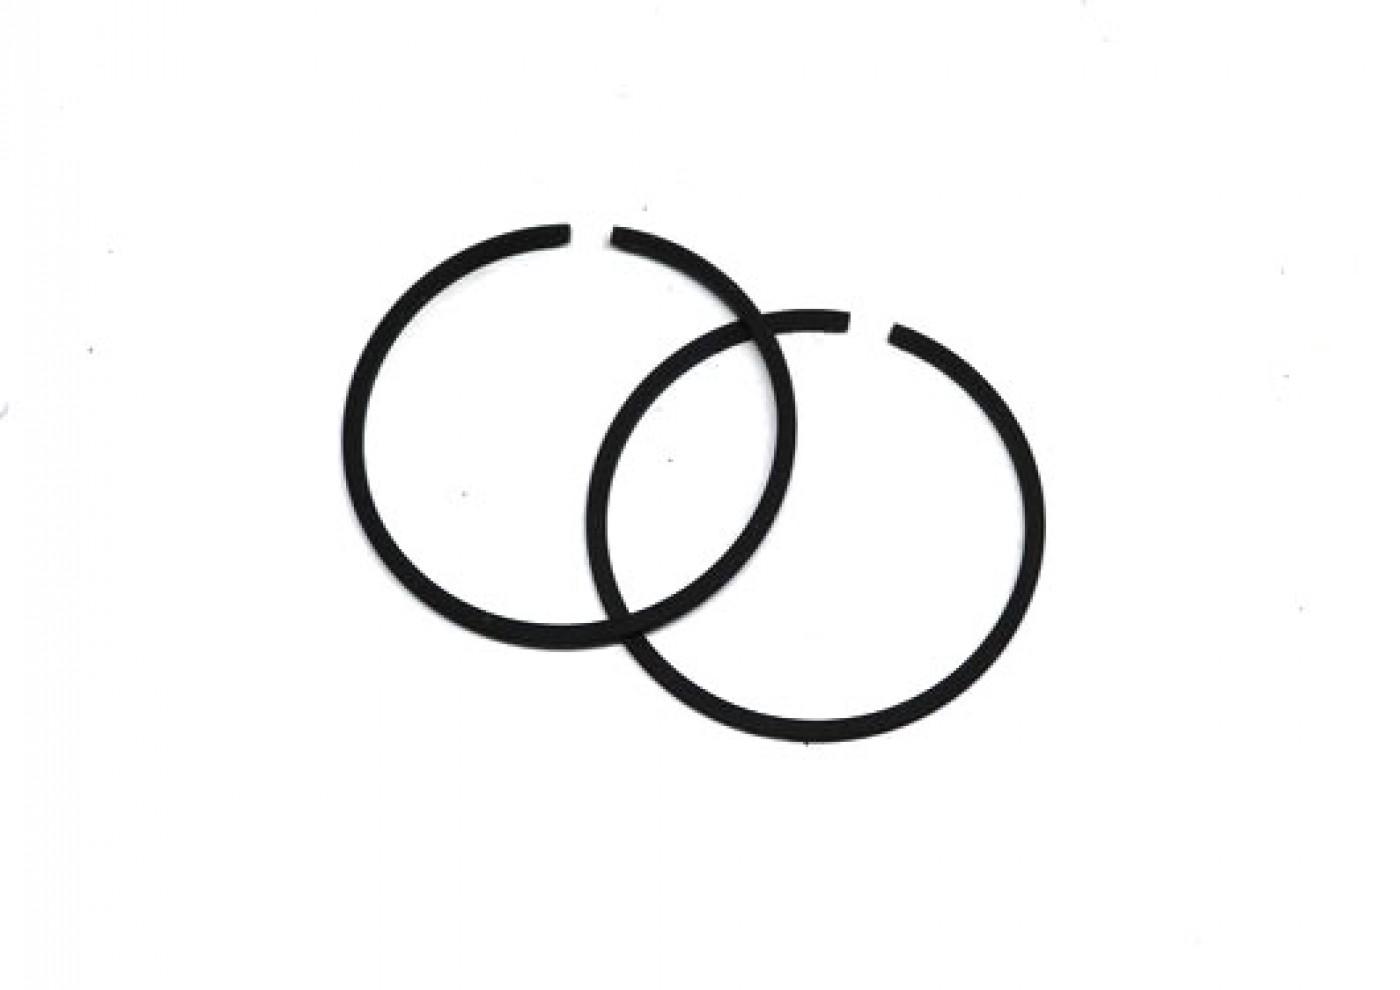 Sada pístních kroužků 42,5 mm x 1,2 mm